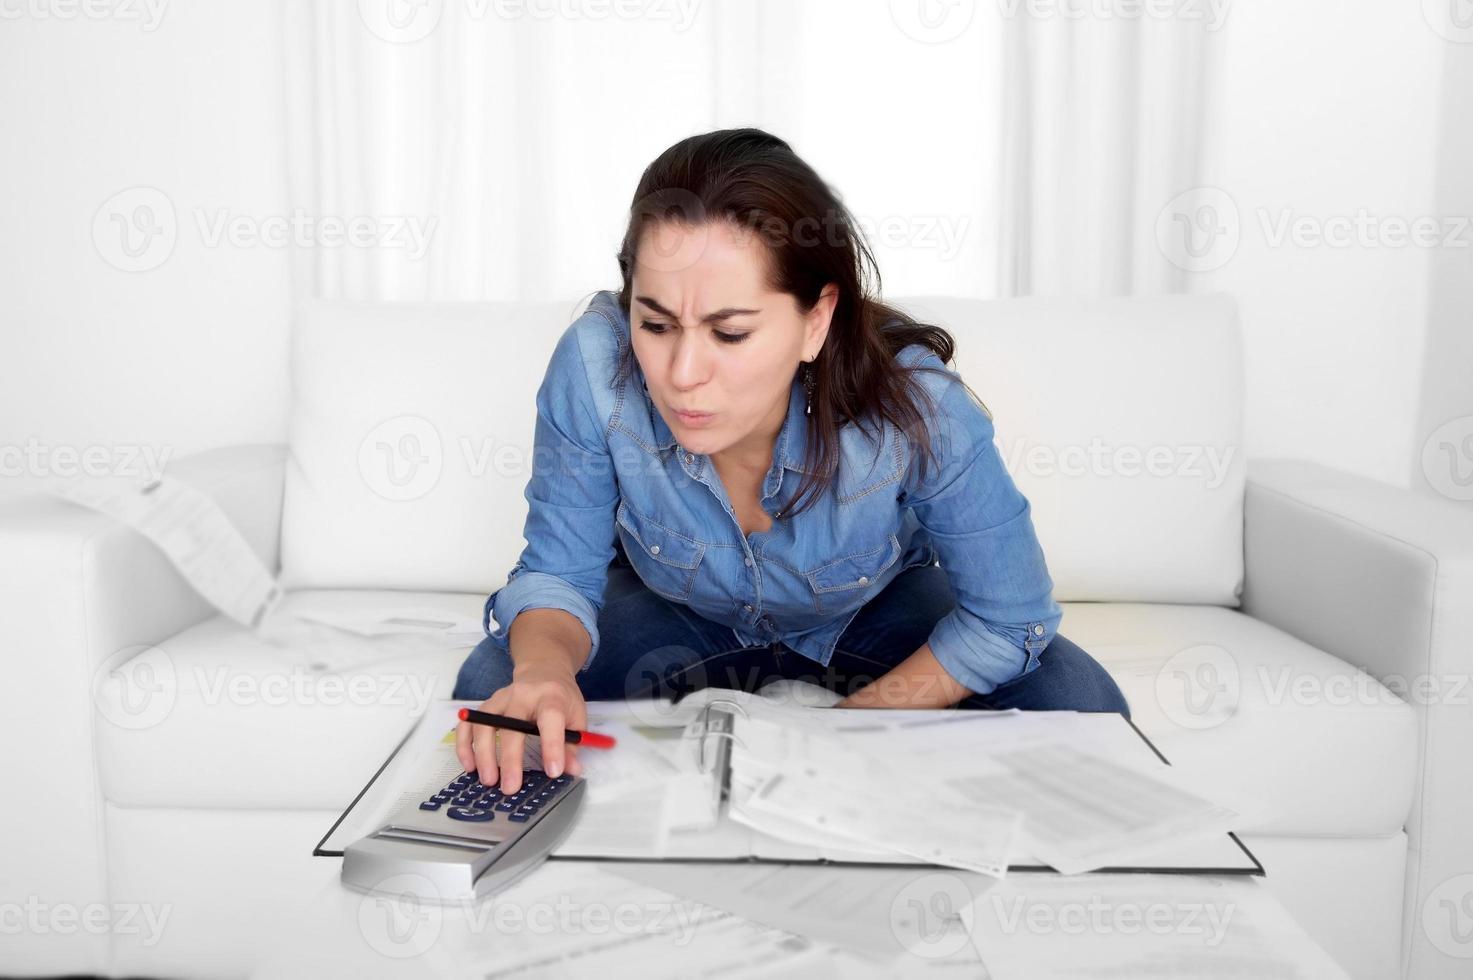 jonge vrouw thuis in stress wanhopig op zoek naar financiële problemen foto